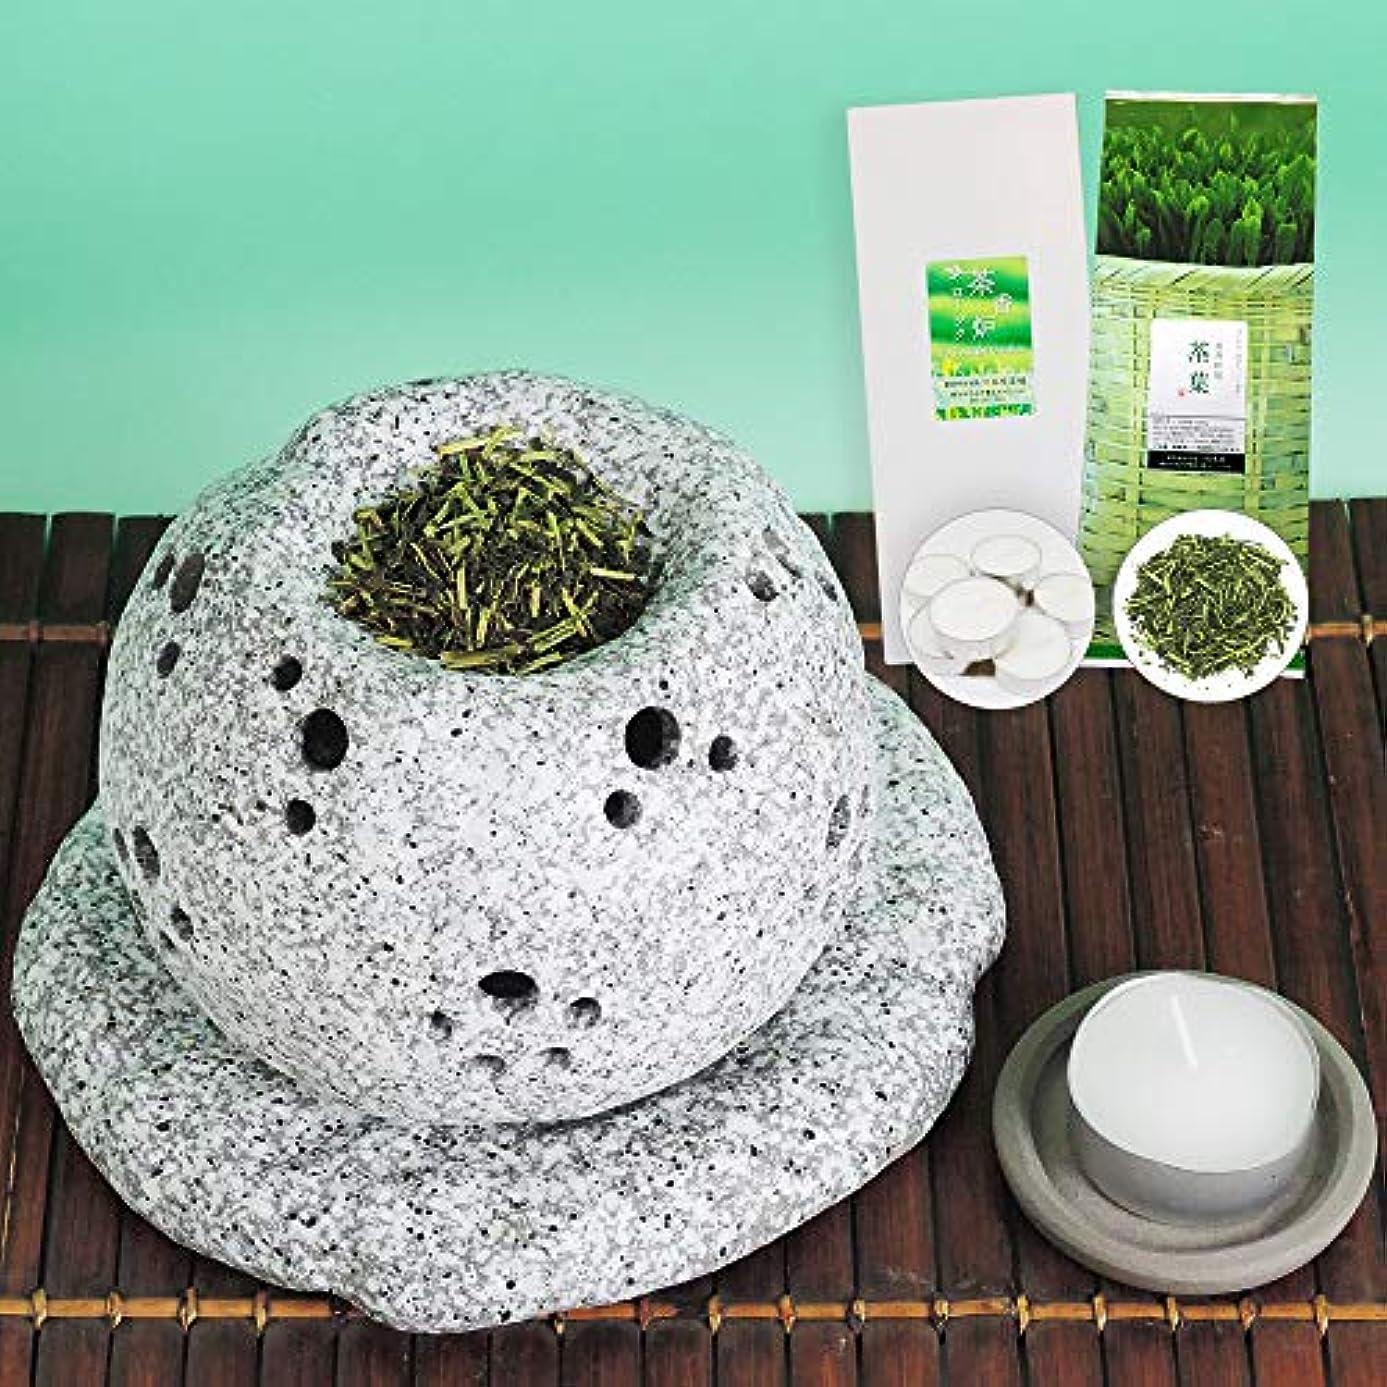 愚かなのヒープ五月元祖 茶香炉セット 茶香炉専用茶葉&ローソク付 川本屋茶舗